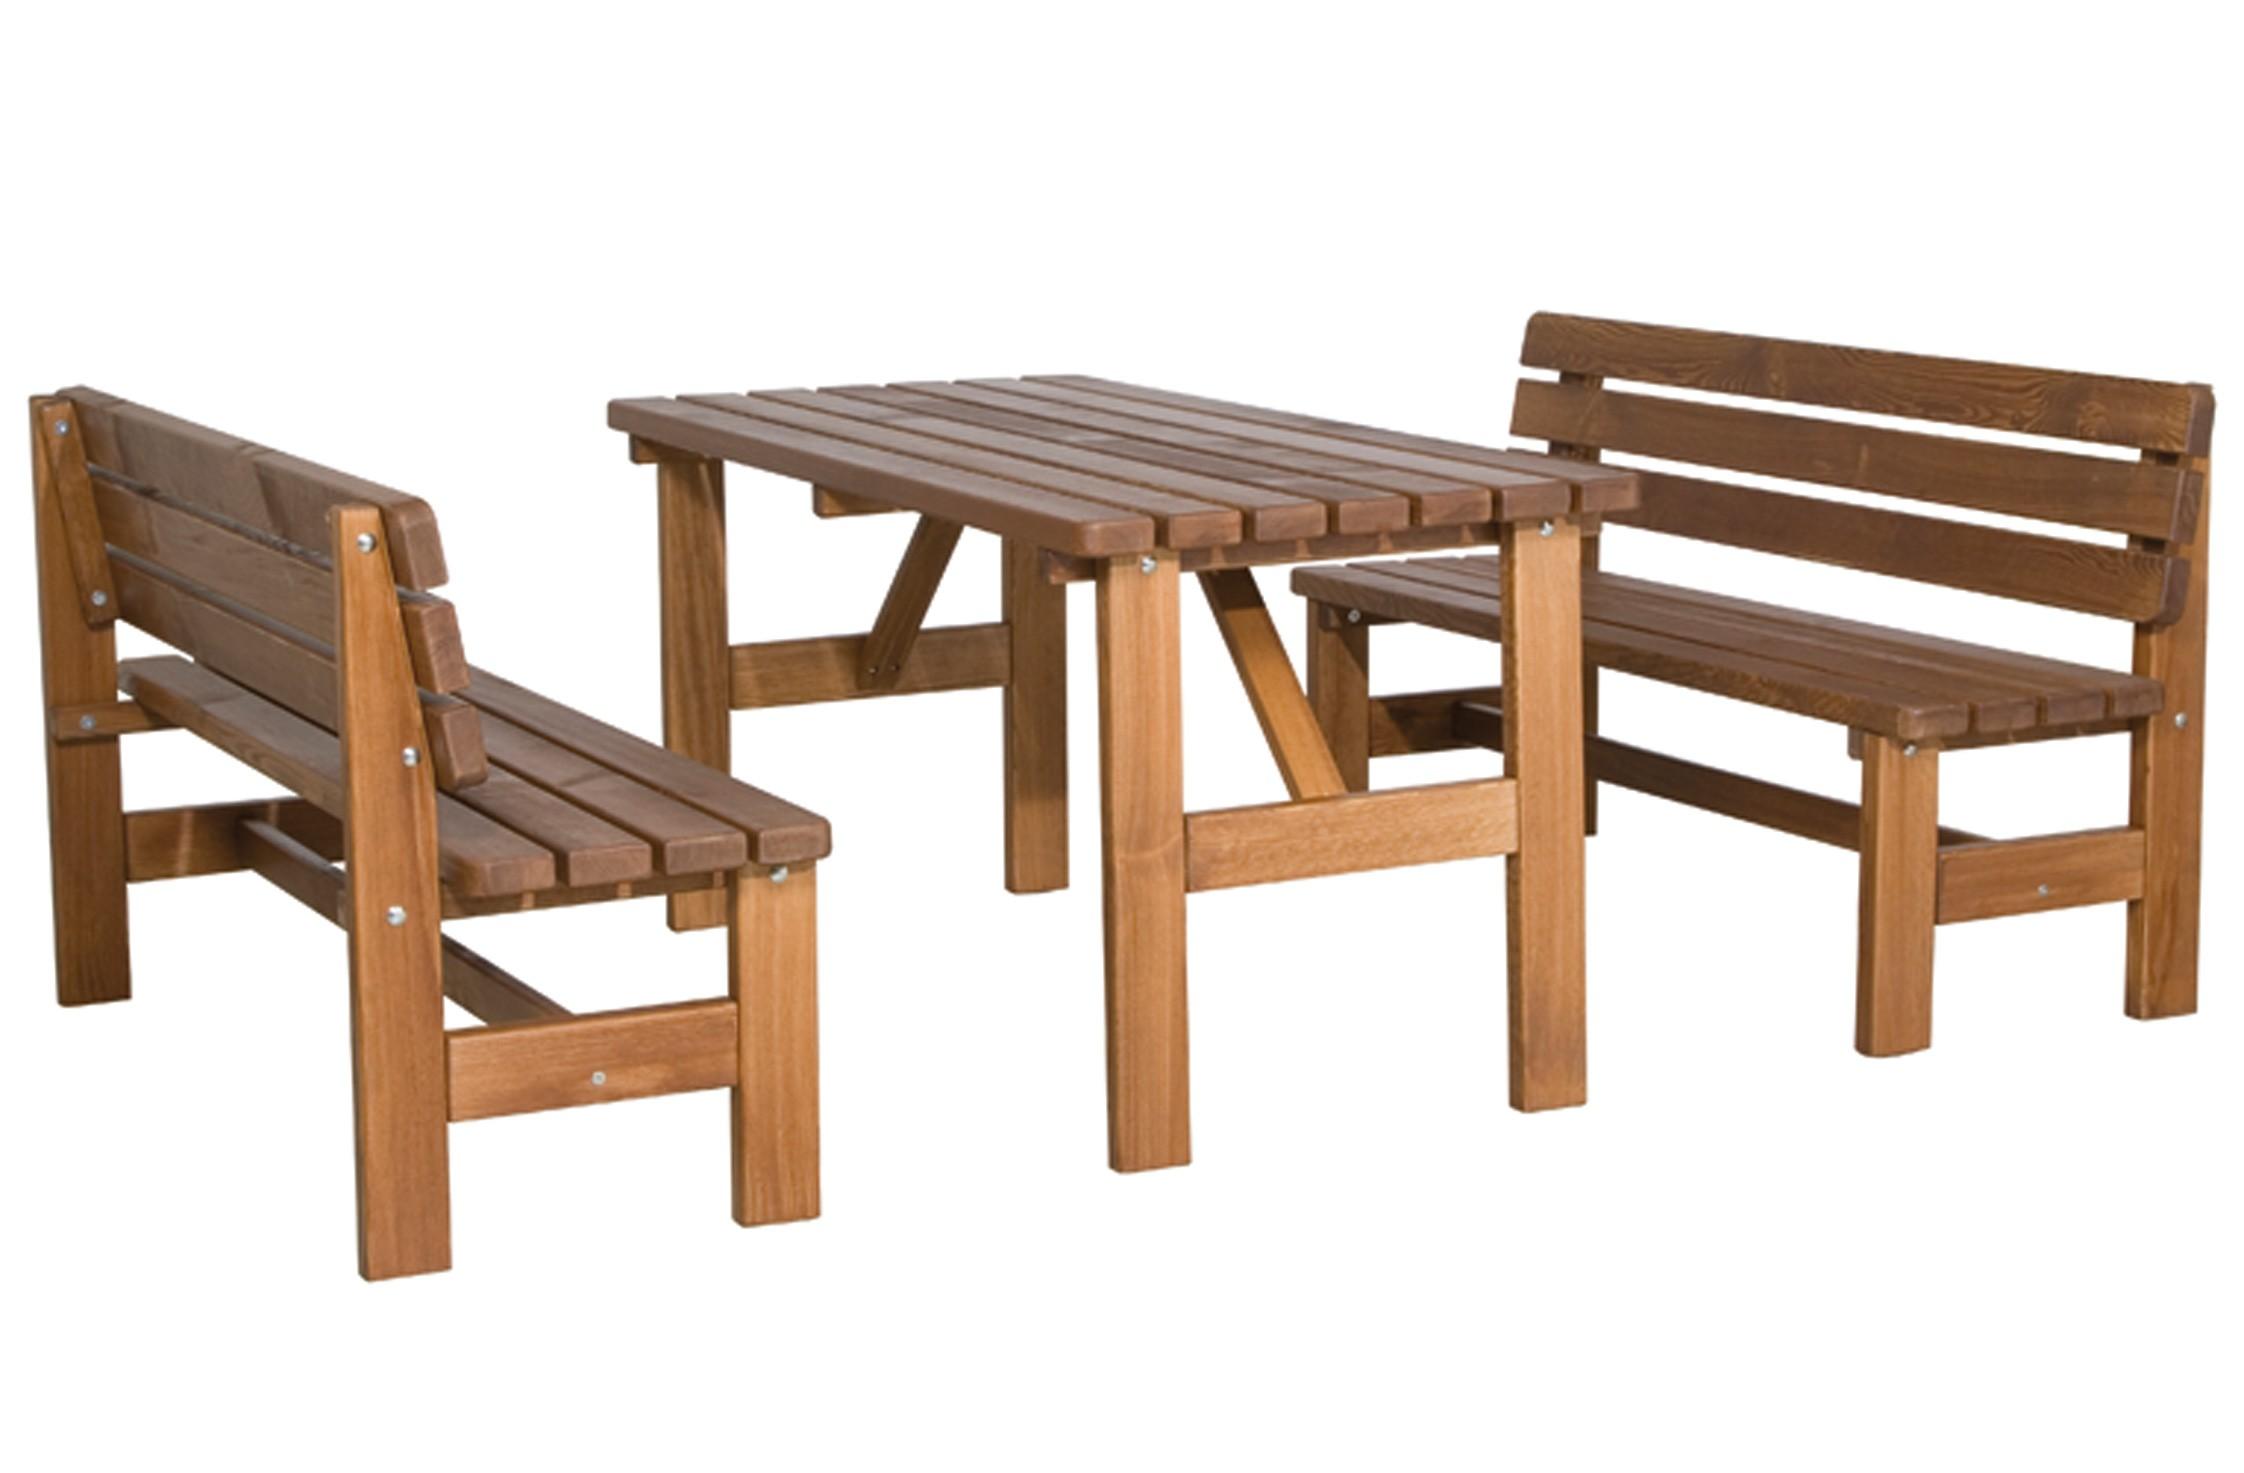 Gartentisch / Biertisch Tessin 150x72cm Massivholz braun Bild 2